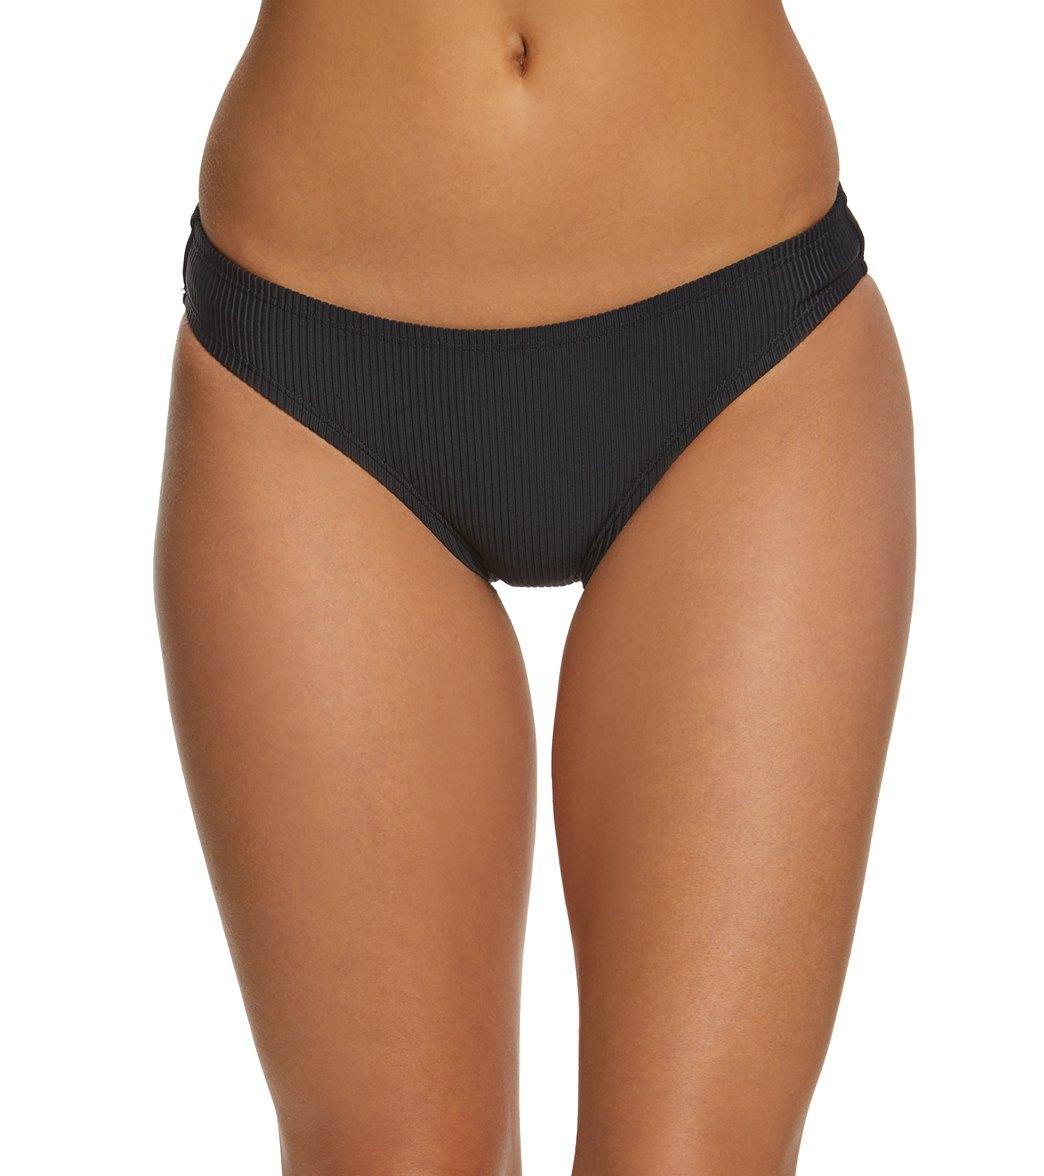 935d2e8f7e93e Nike Women s Ribbed Bikini Bottom at SwimOutlet.com